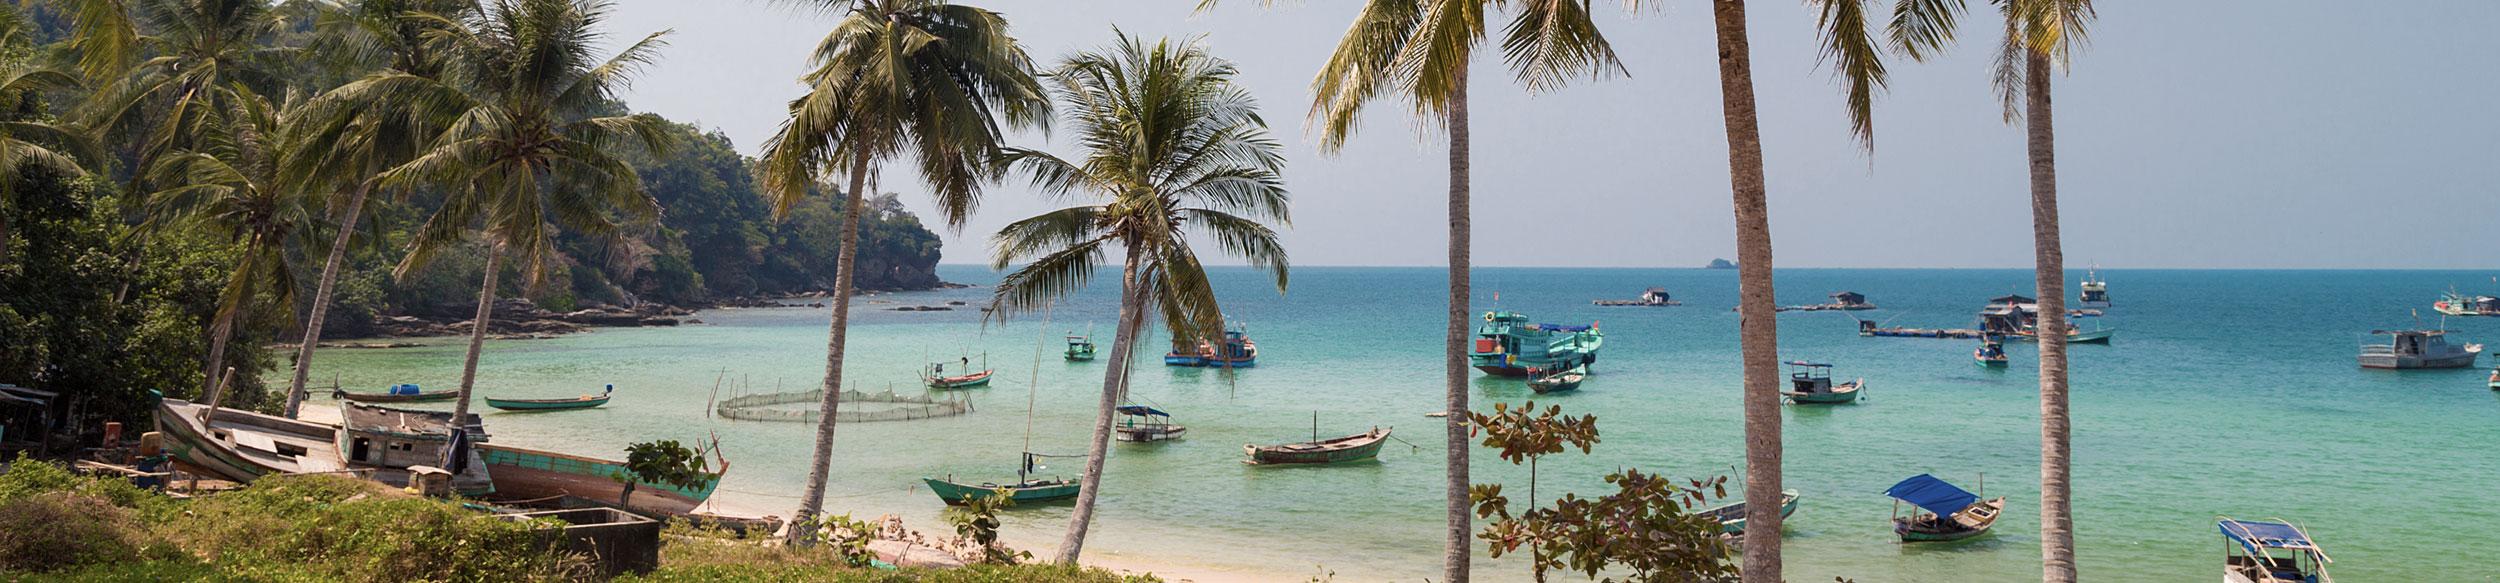 Plage et bateaux de pêcheurs sur l'île de Phu Quoc au sud Vietnam